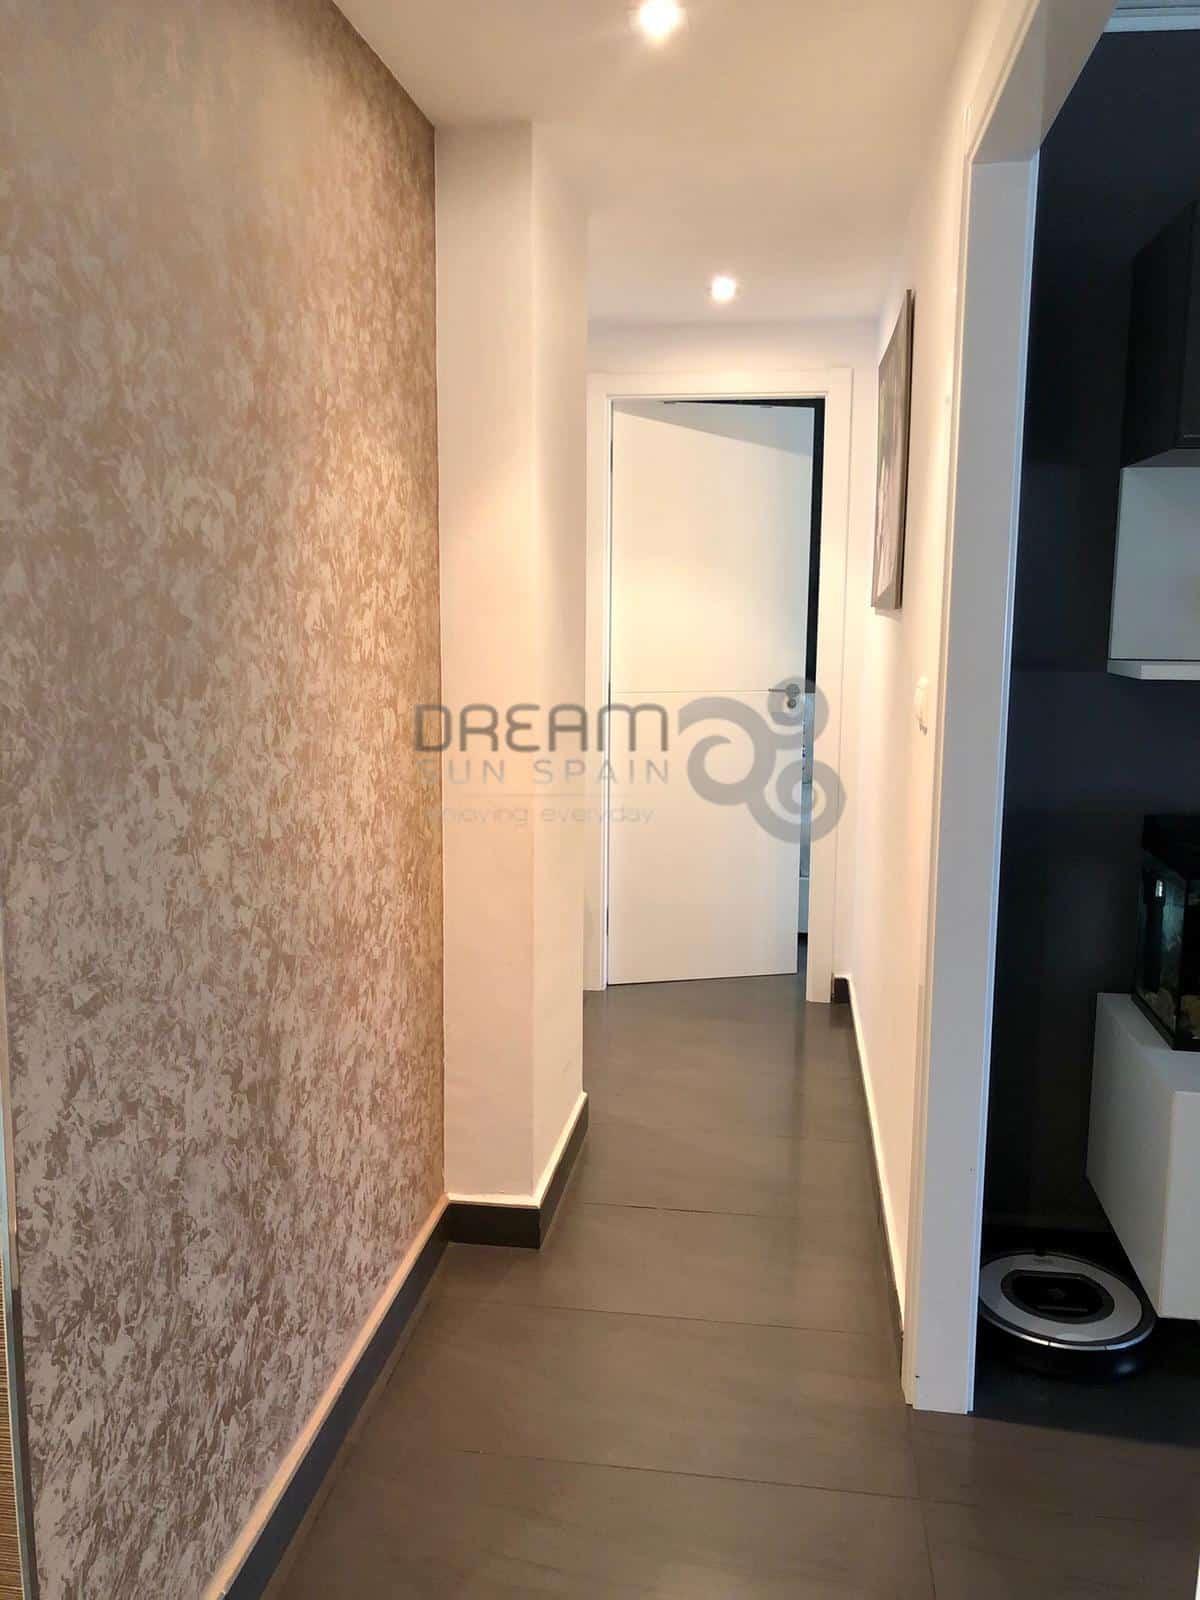 Piso en Denia con 3 habitaciones y terraza